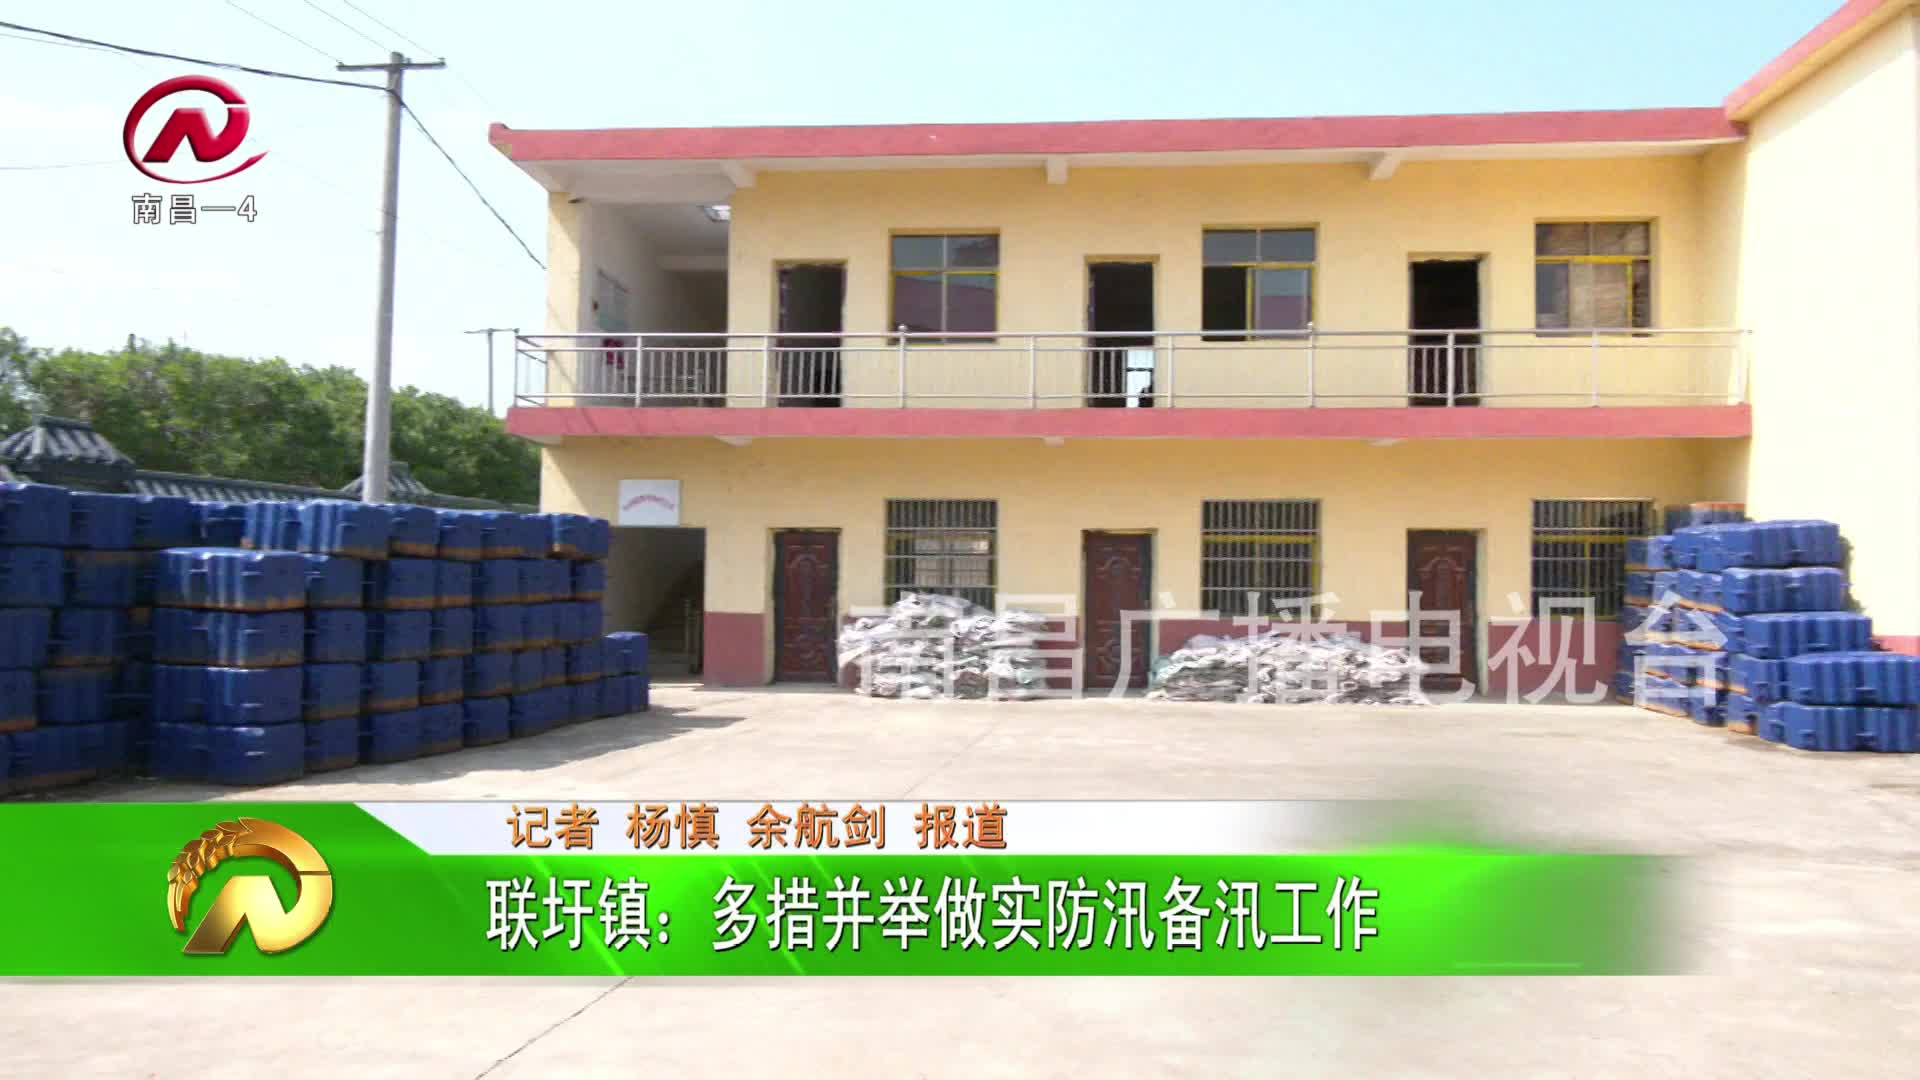 【豫章农视】联圩镇:多措并举做实防汛备汛工作